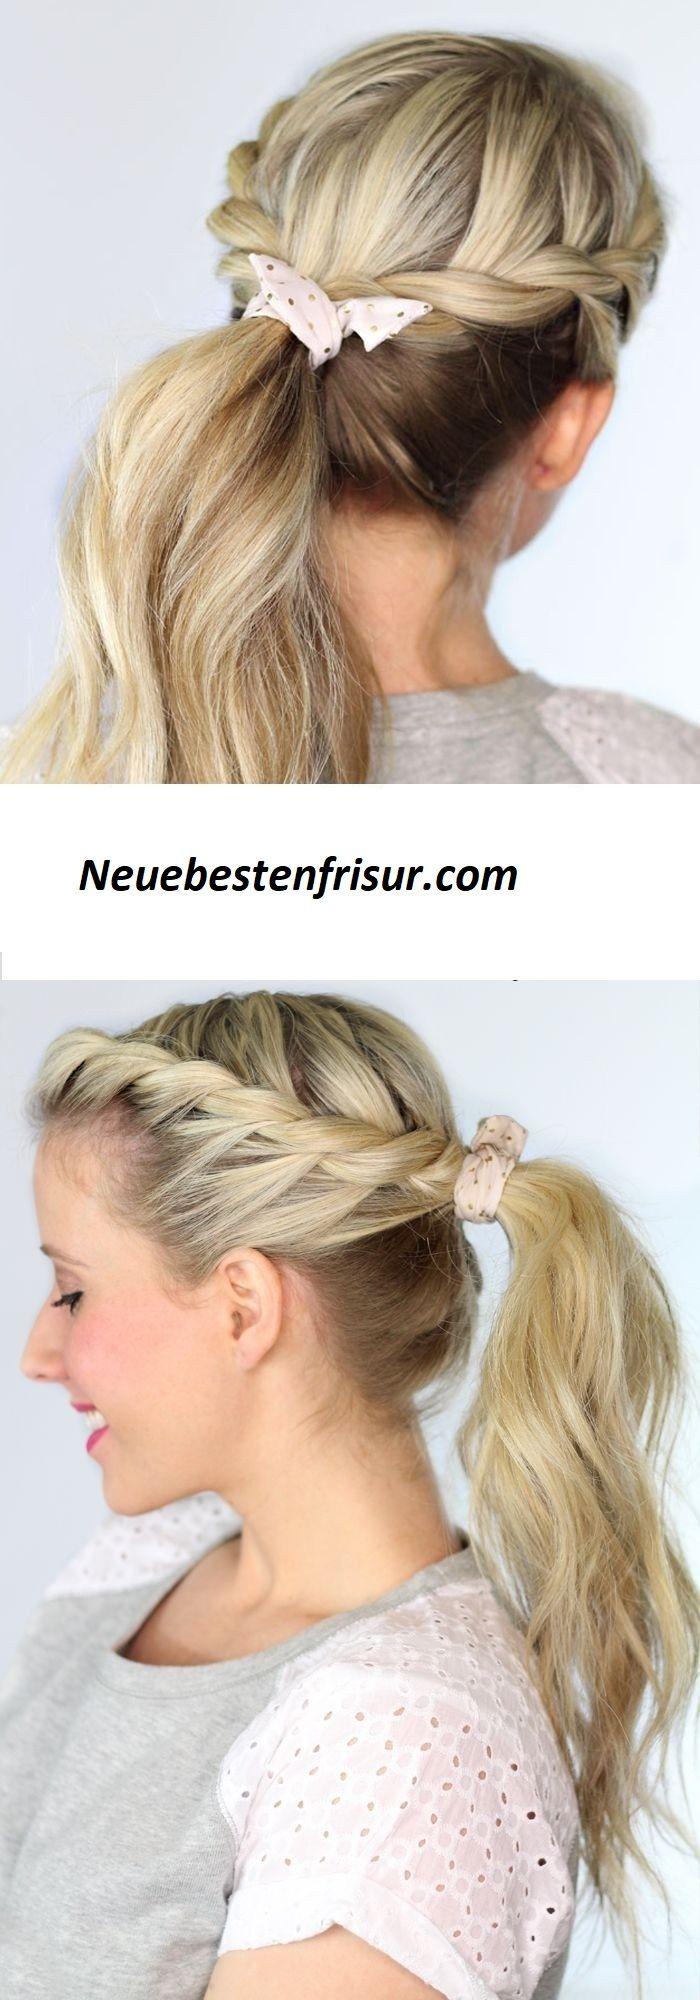 Ausgefallene frisuren fur lange haare